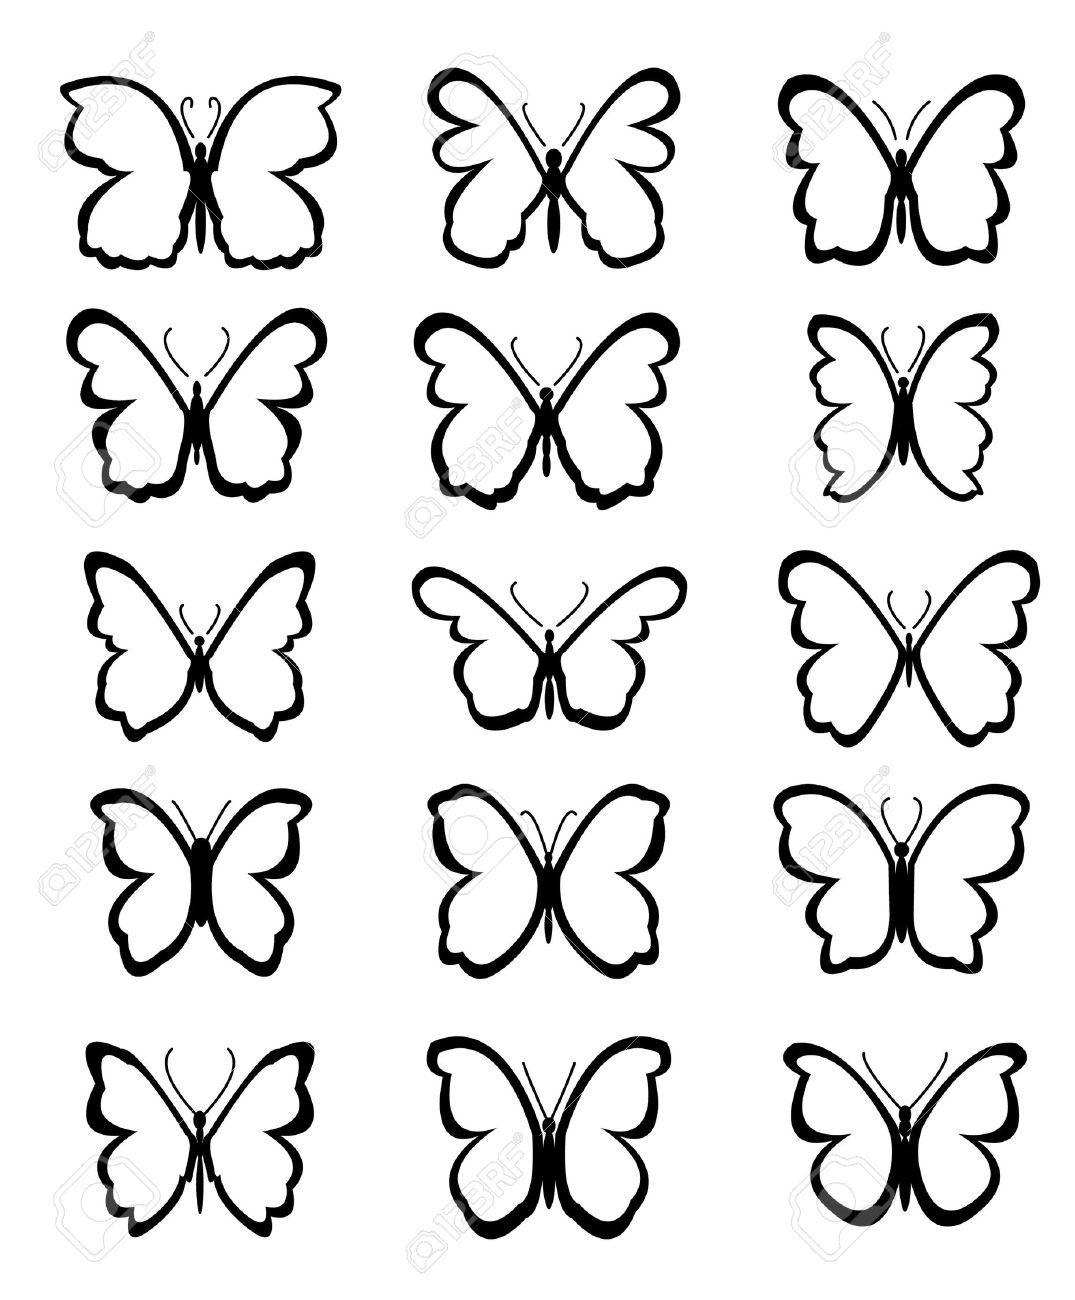 siluetas mariposas para colorear   Buscar con Google | fio